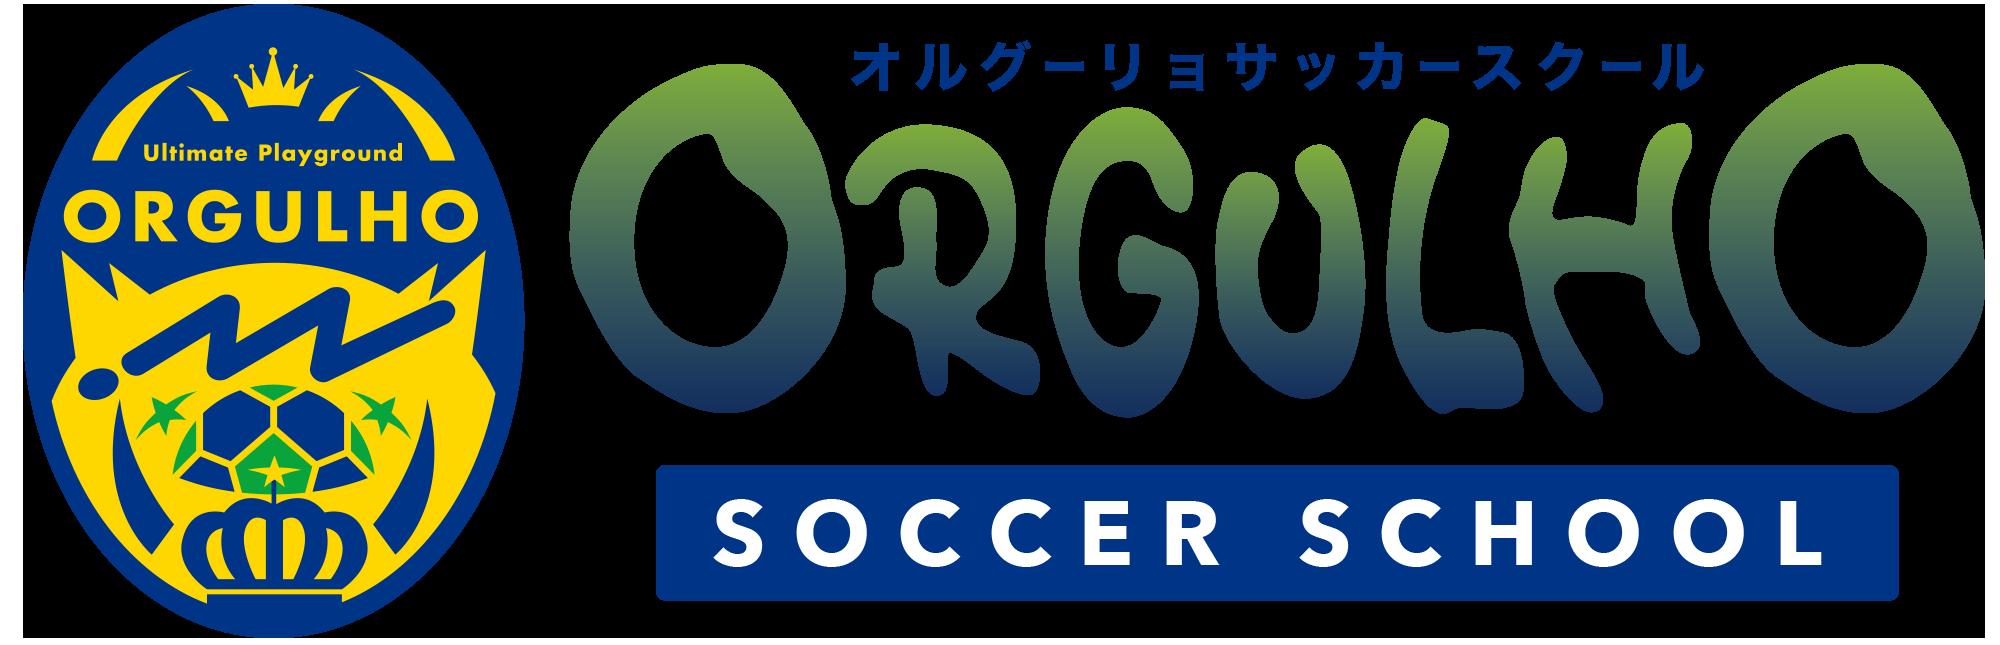 Orgulho Soccer School